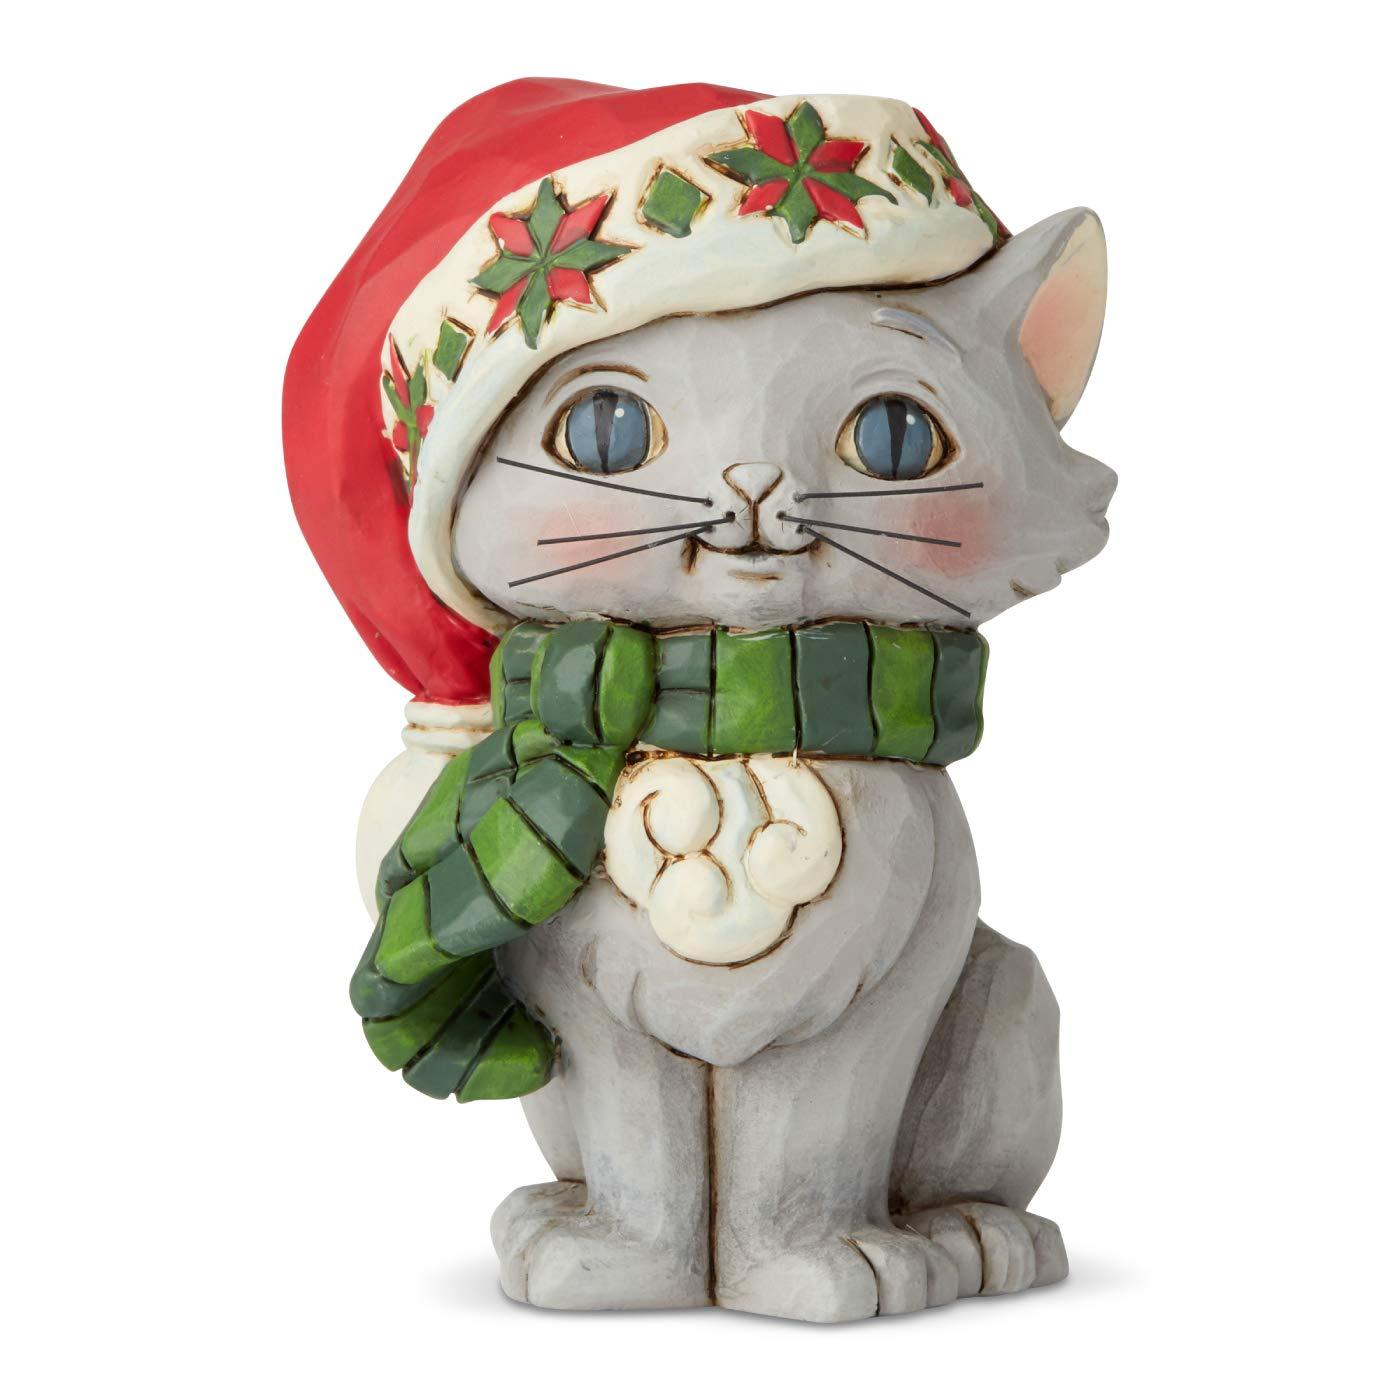 Image of Mini Jim Shore Santa Kitten Christmas Figurine